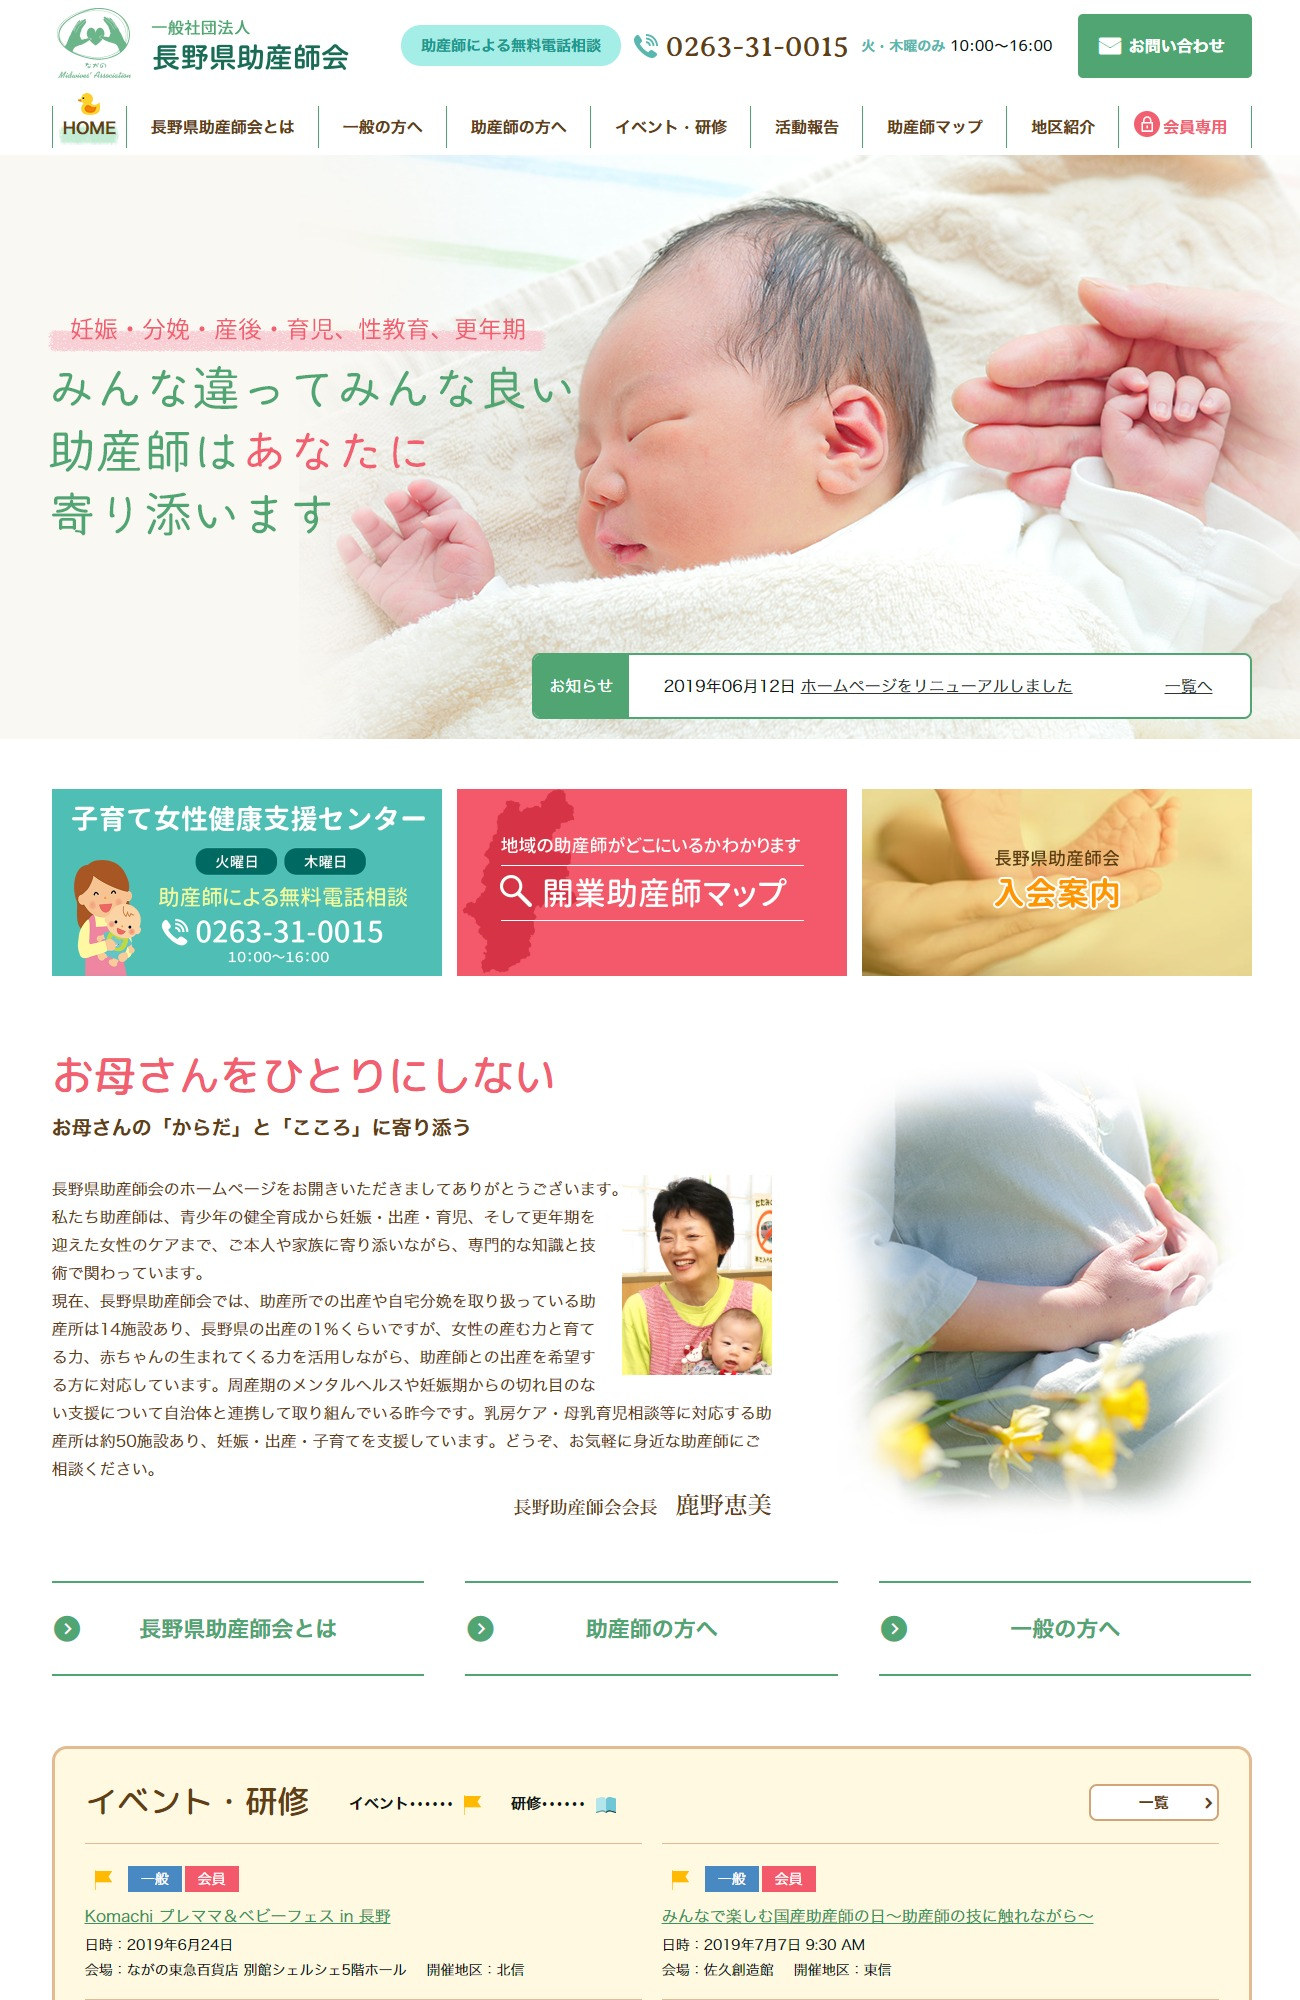 長野県助産師会